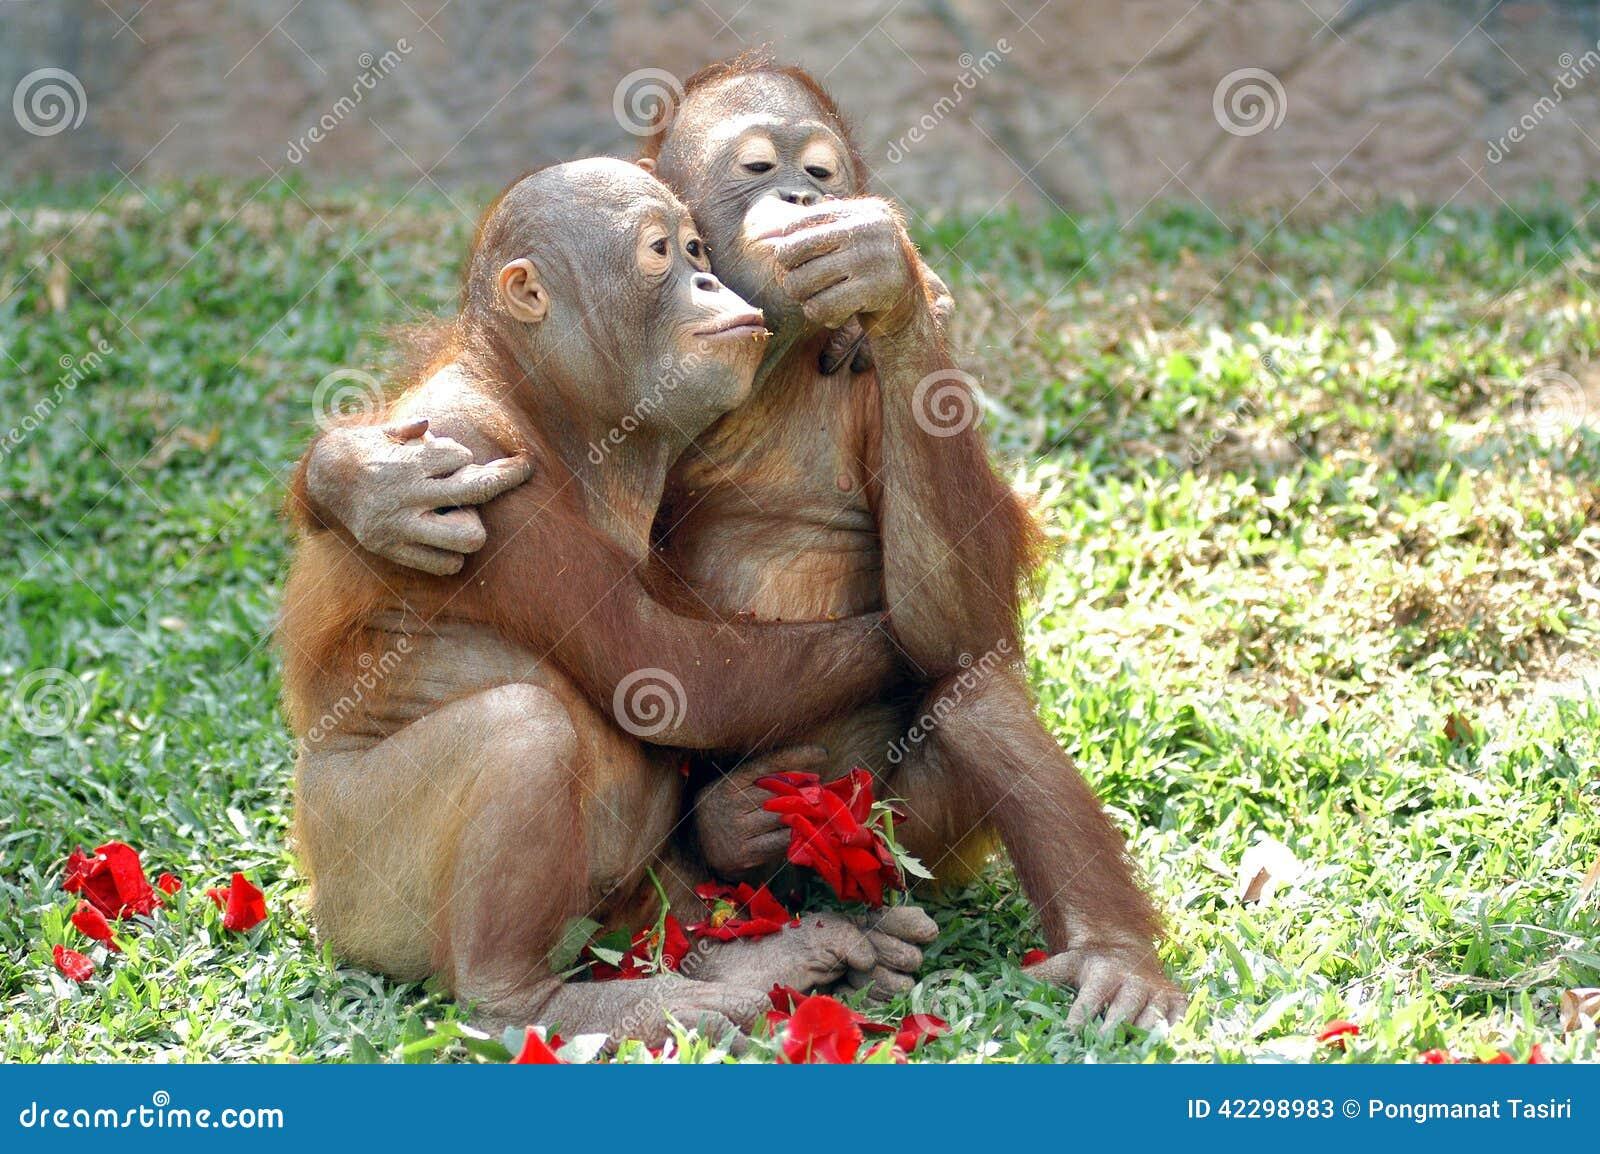 Monkeys in love